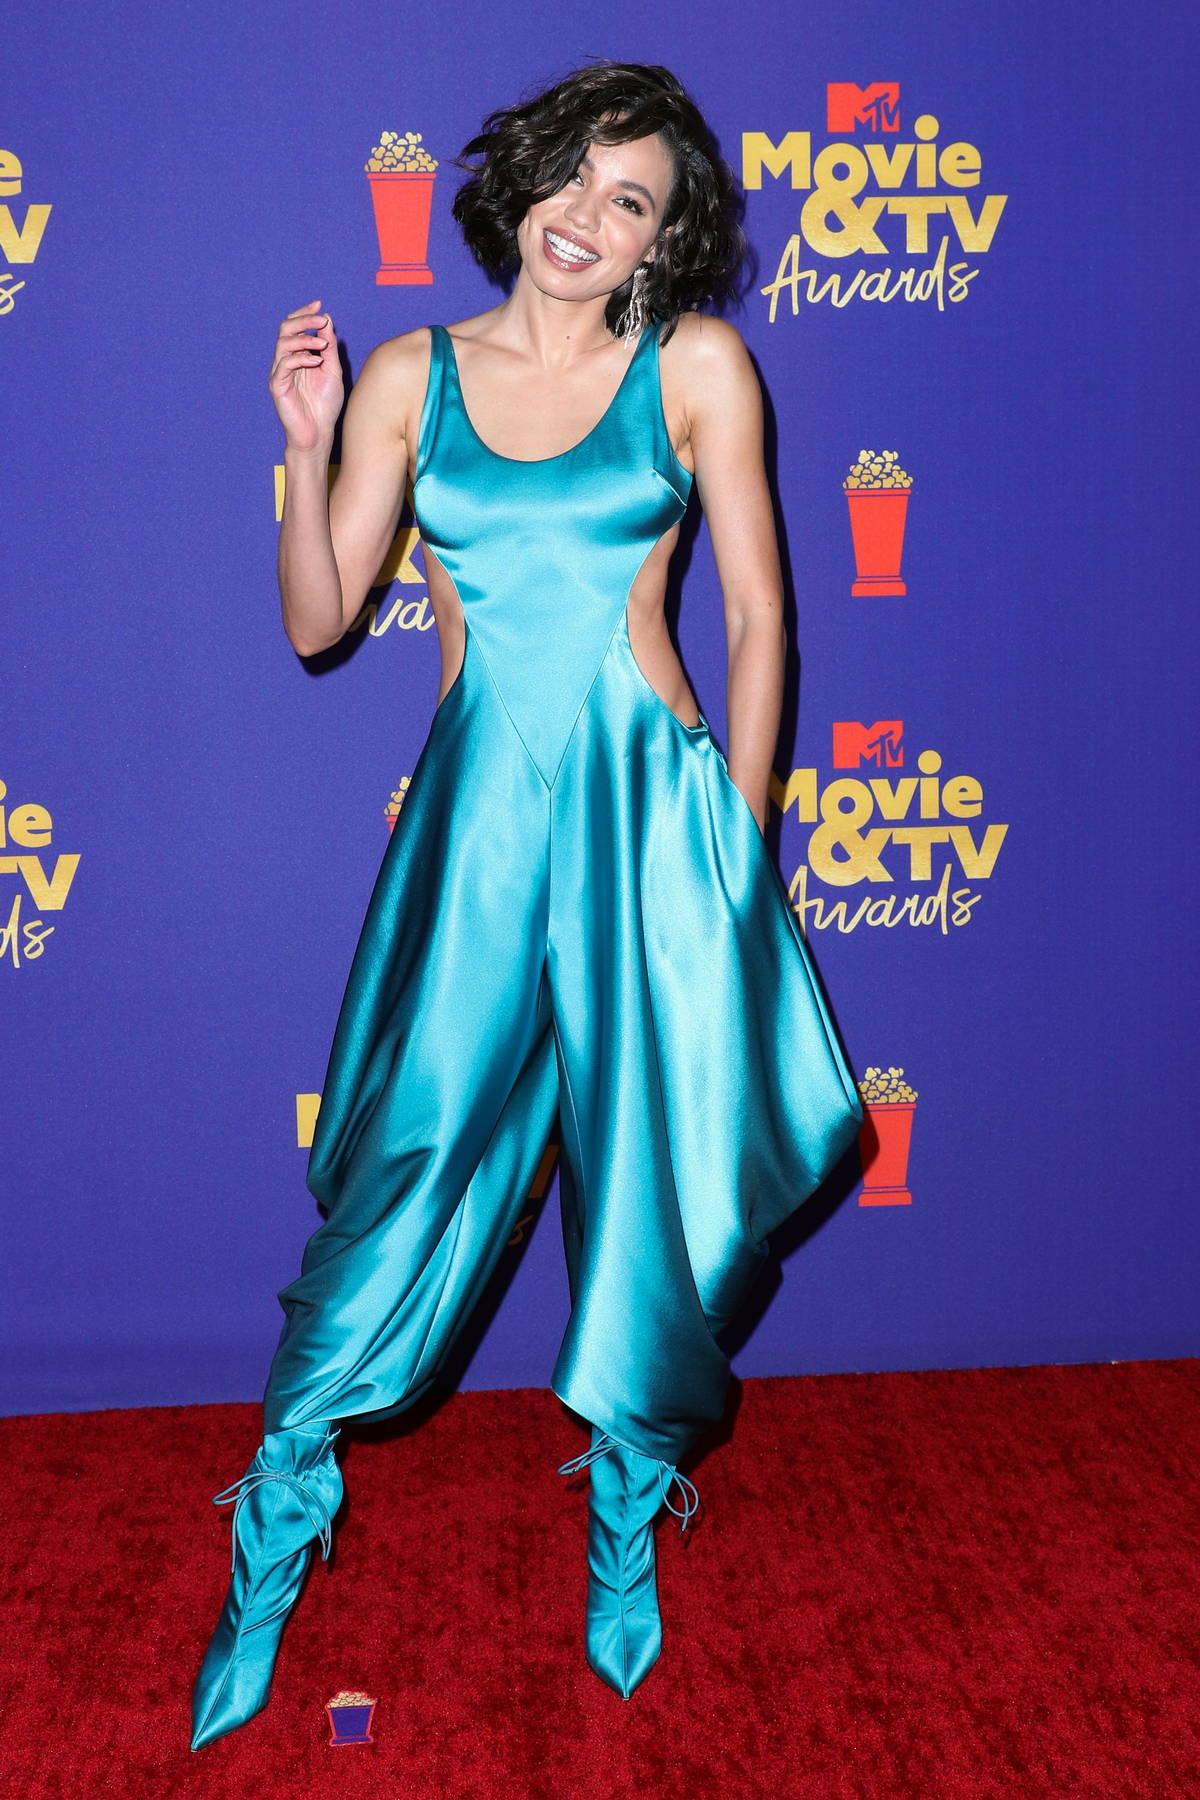 Jurnee Smollett attends the 2021 MTV Movie & TV Awards at the Hollywood Palladium in Los Angeles